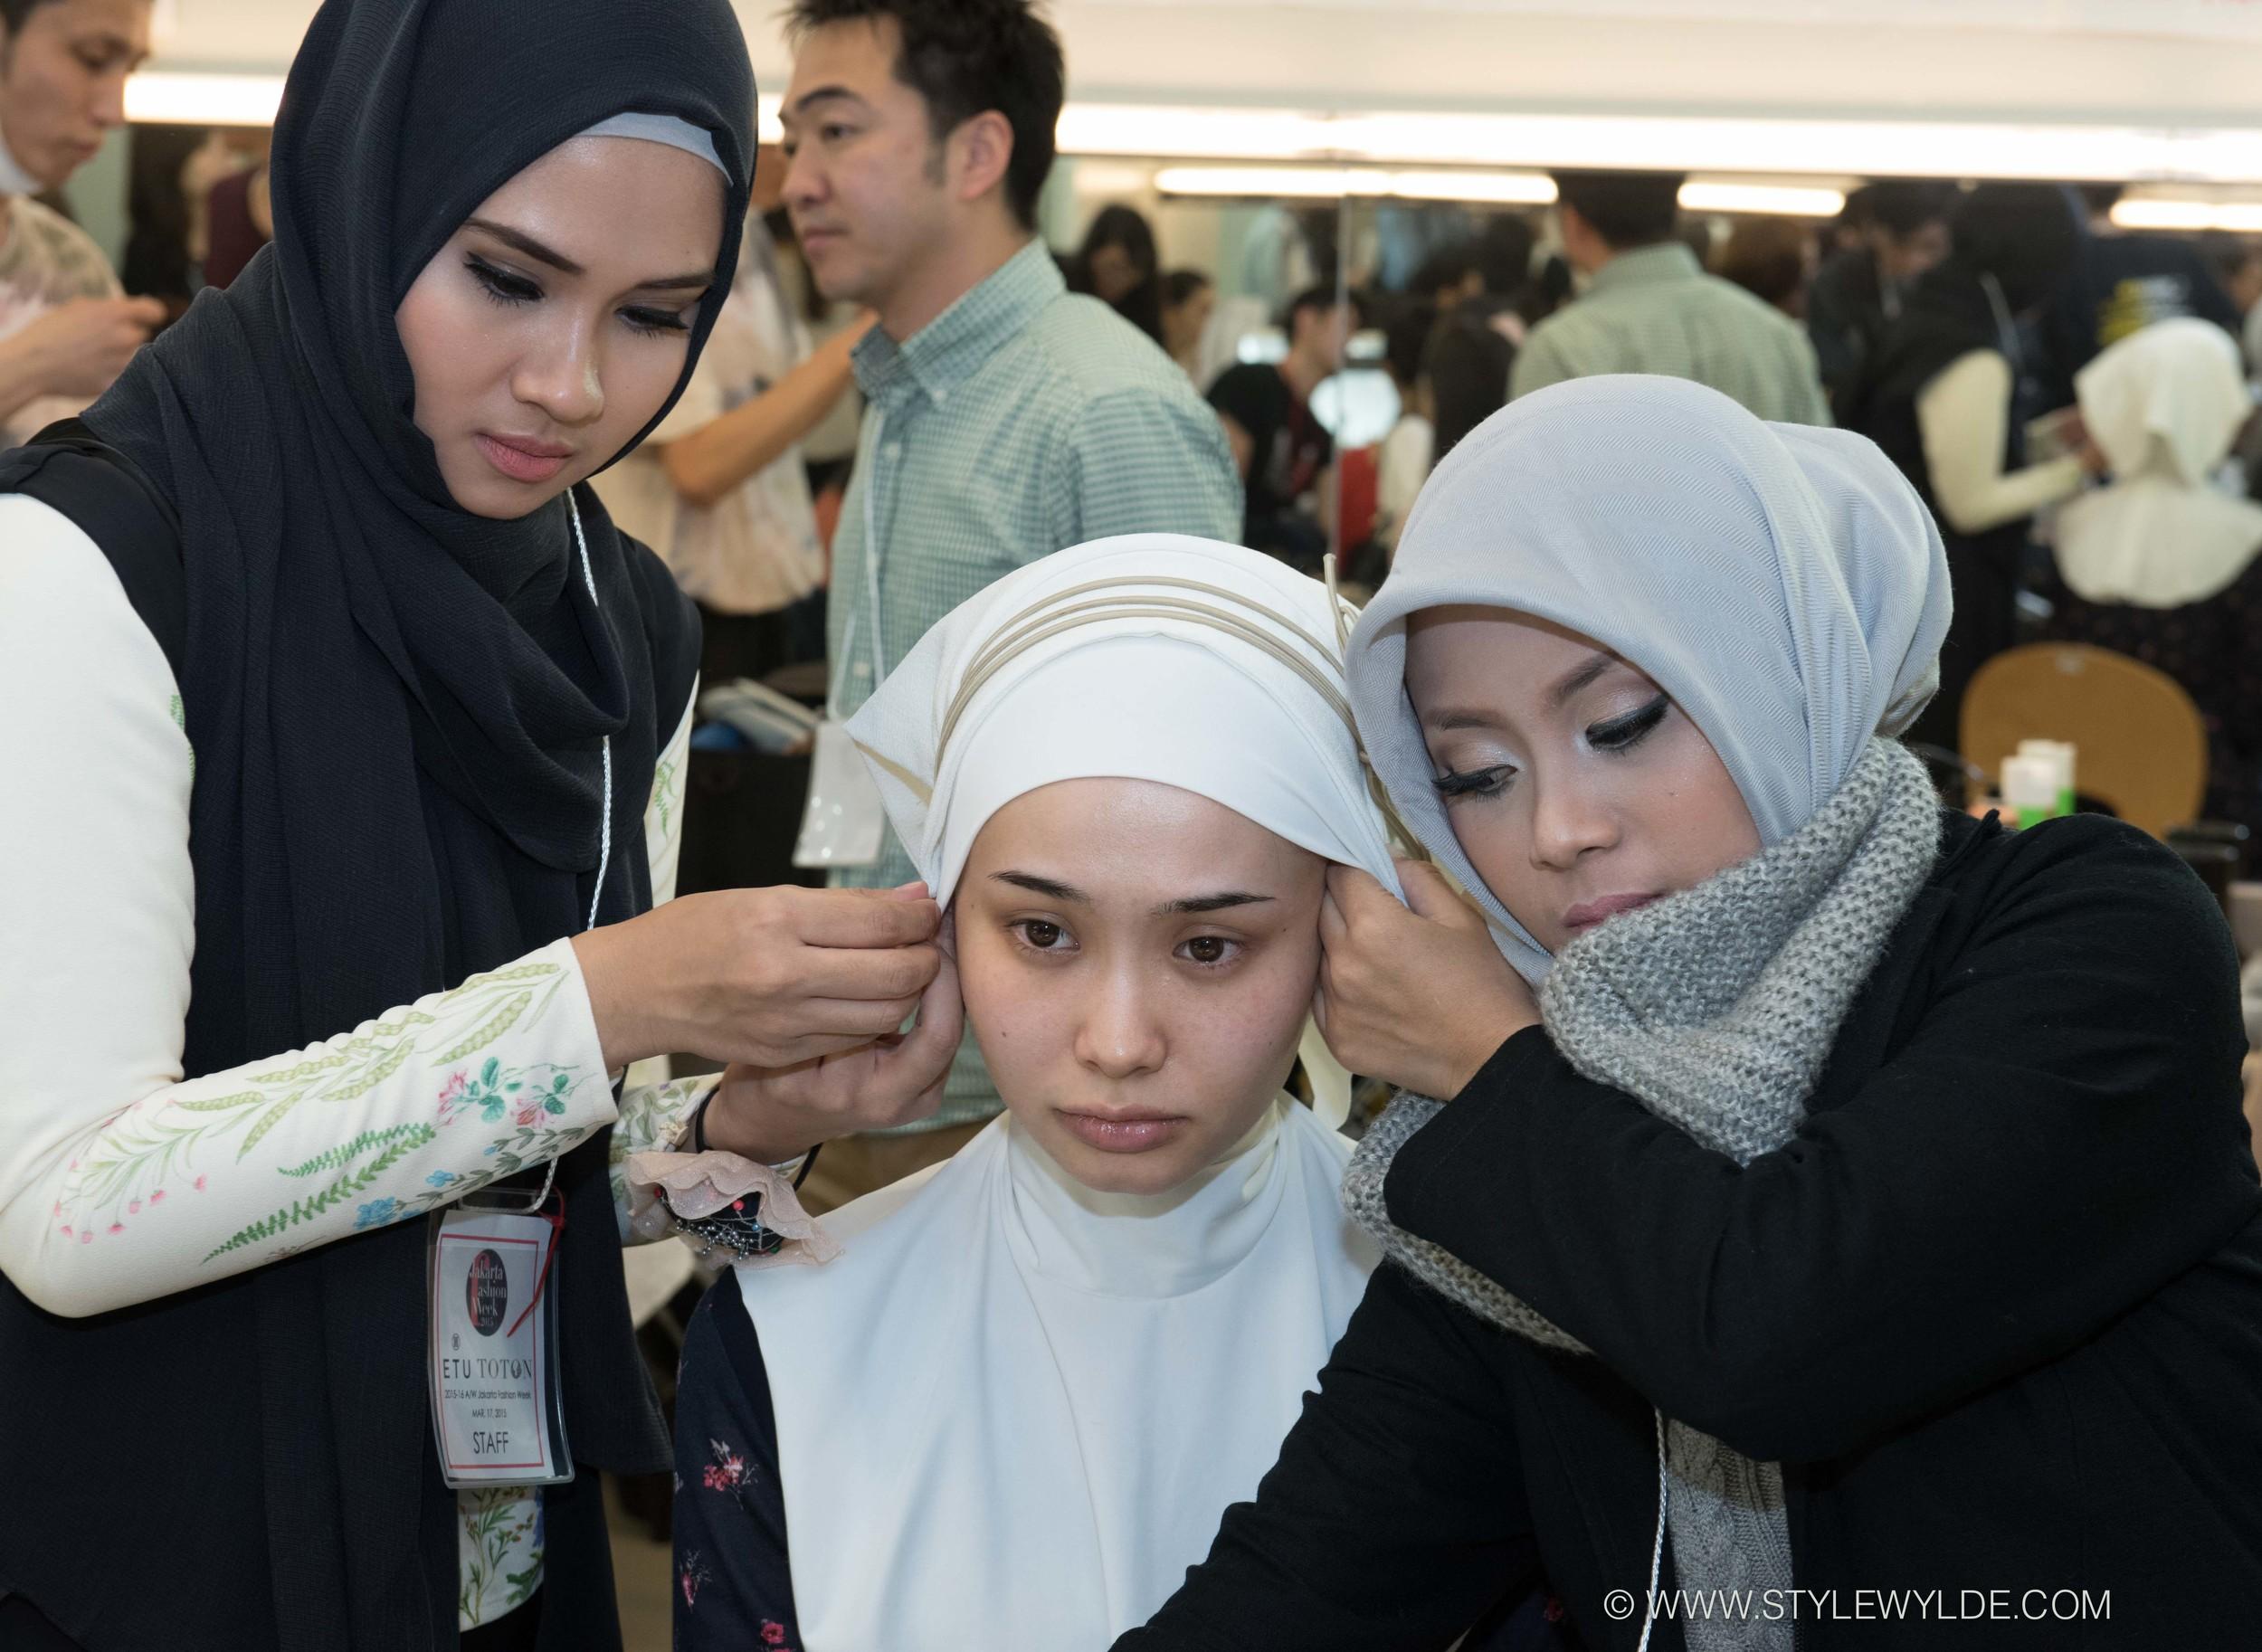 stylewylde_Jakarta_Bkstg_edits2-13.jpg